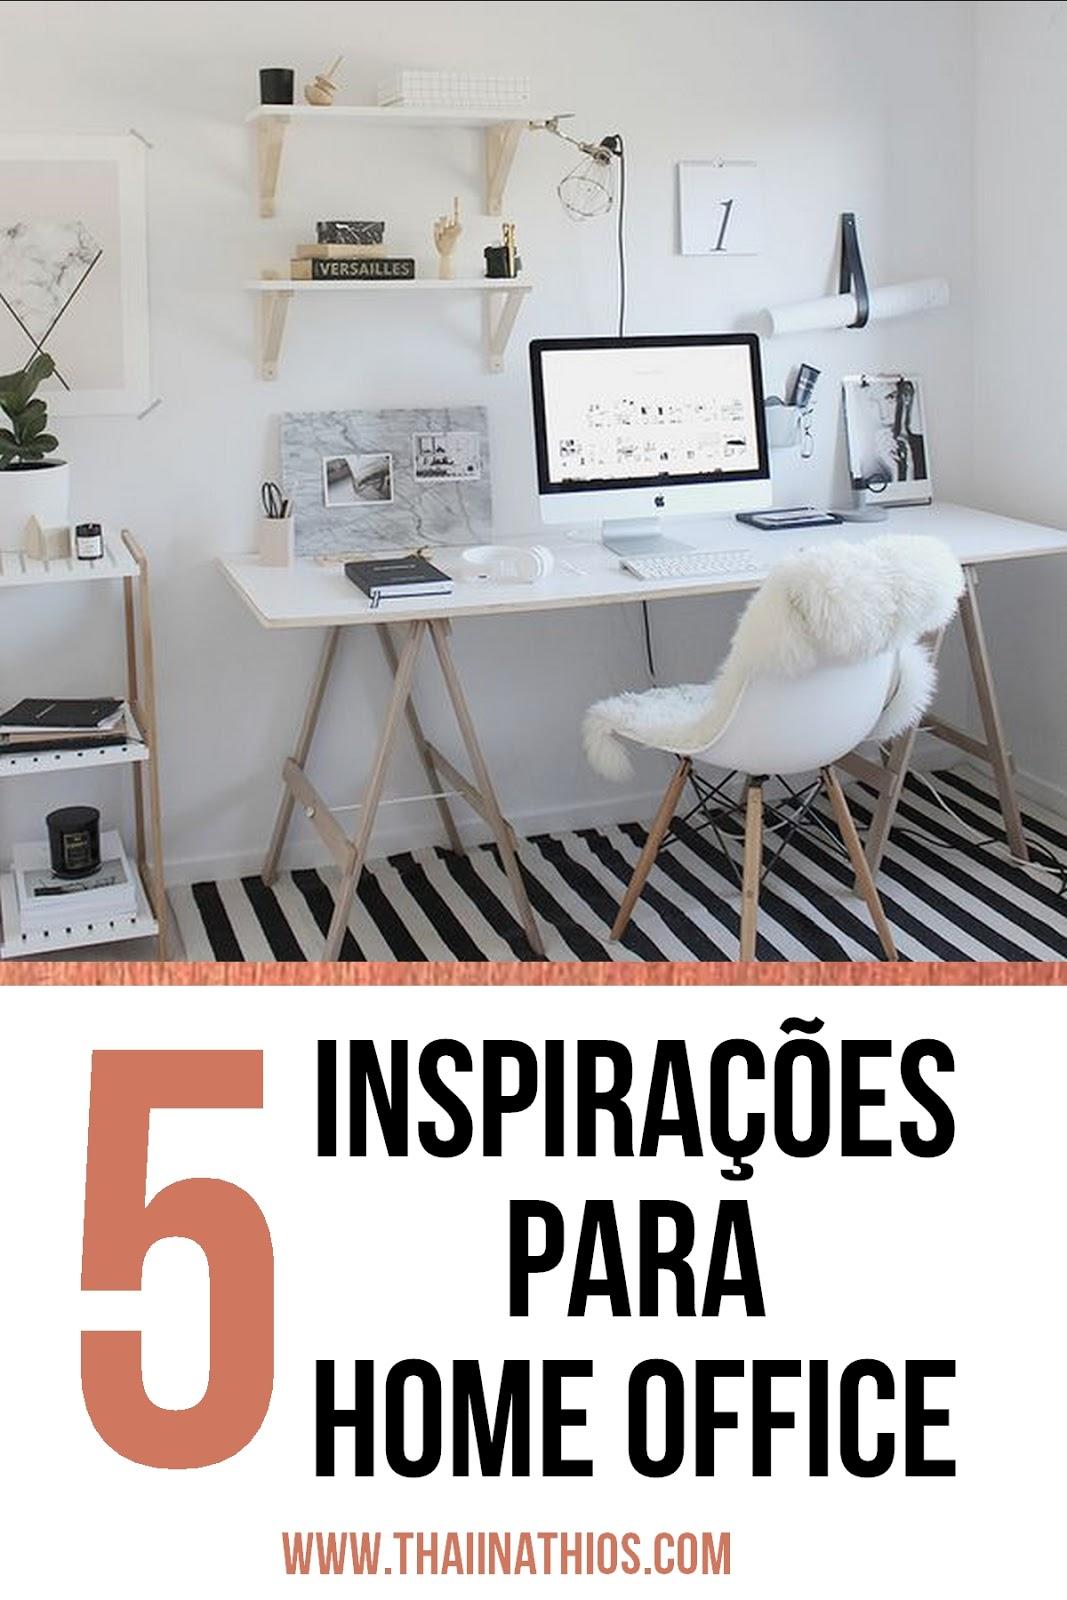 5 Inspirações para Home Office